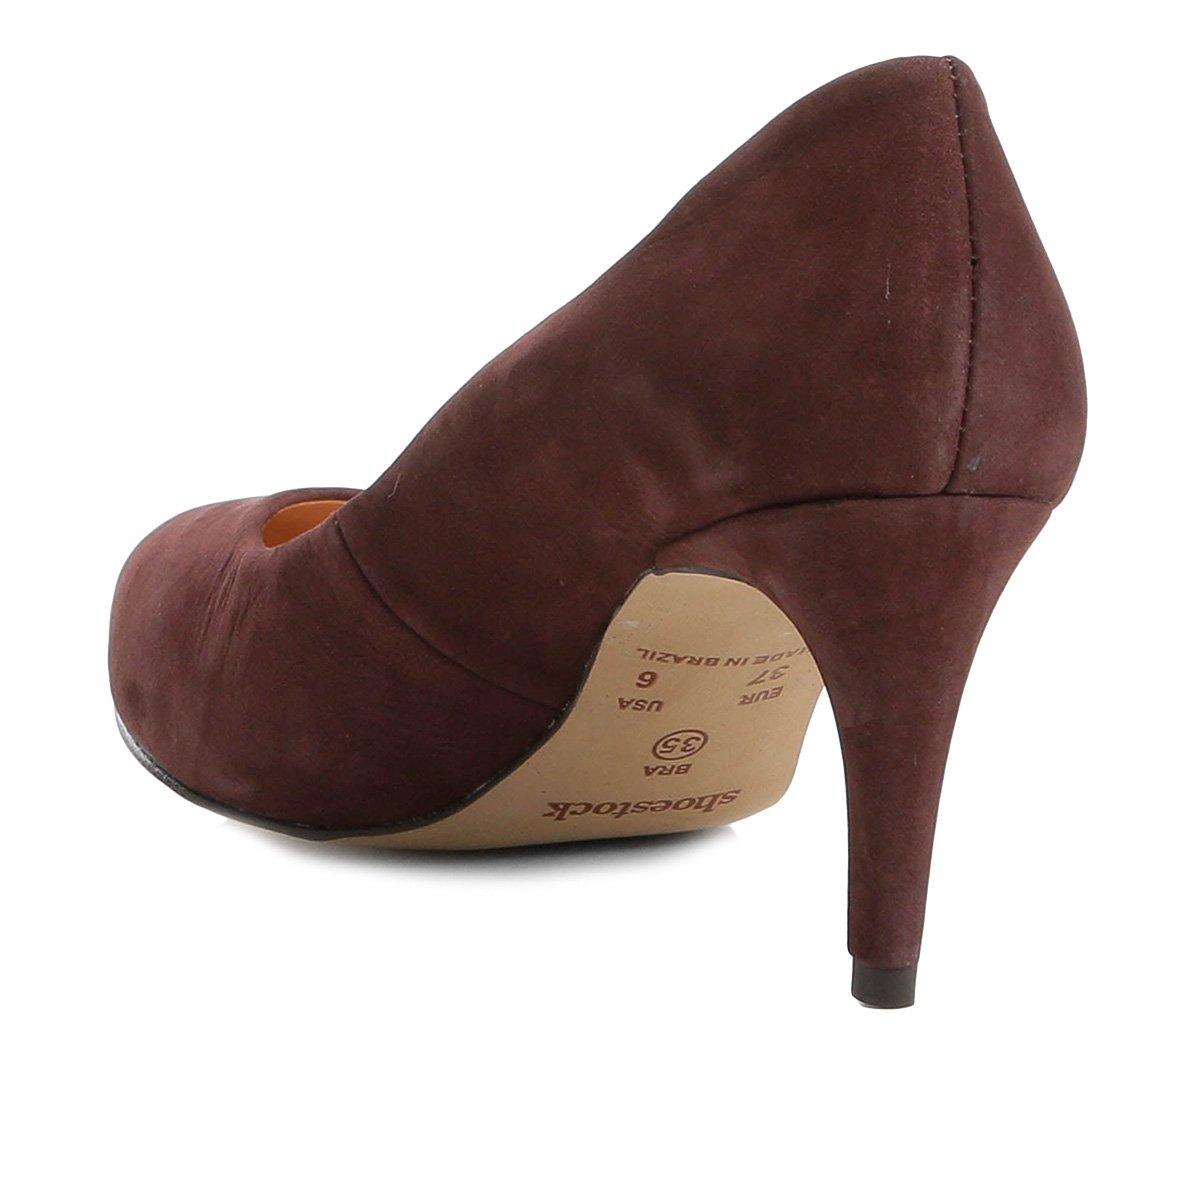 Médio Vinho Ondas Couro Couro Scarpin Shoestock Salto Shoestock Salto Scarpin Cxq10xwpS